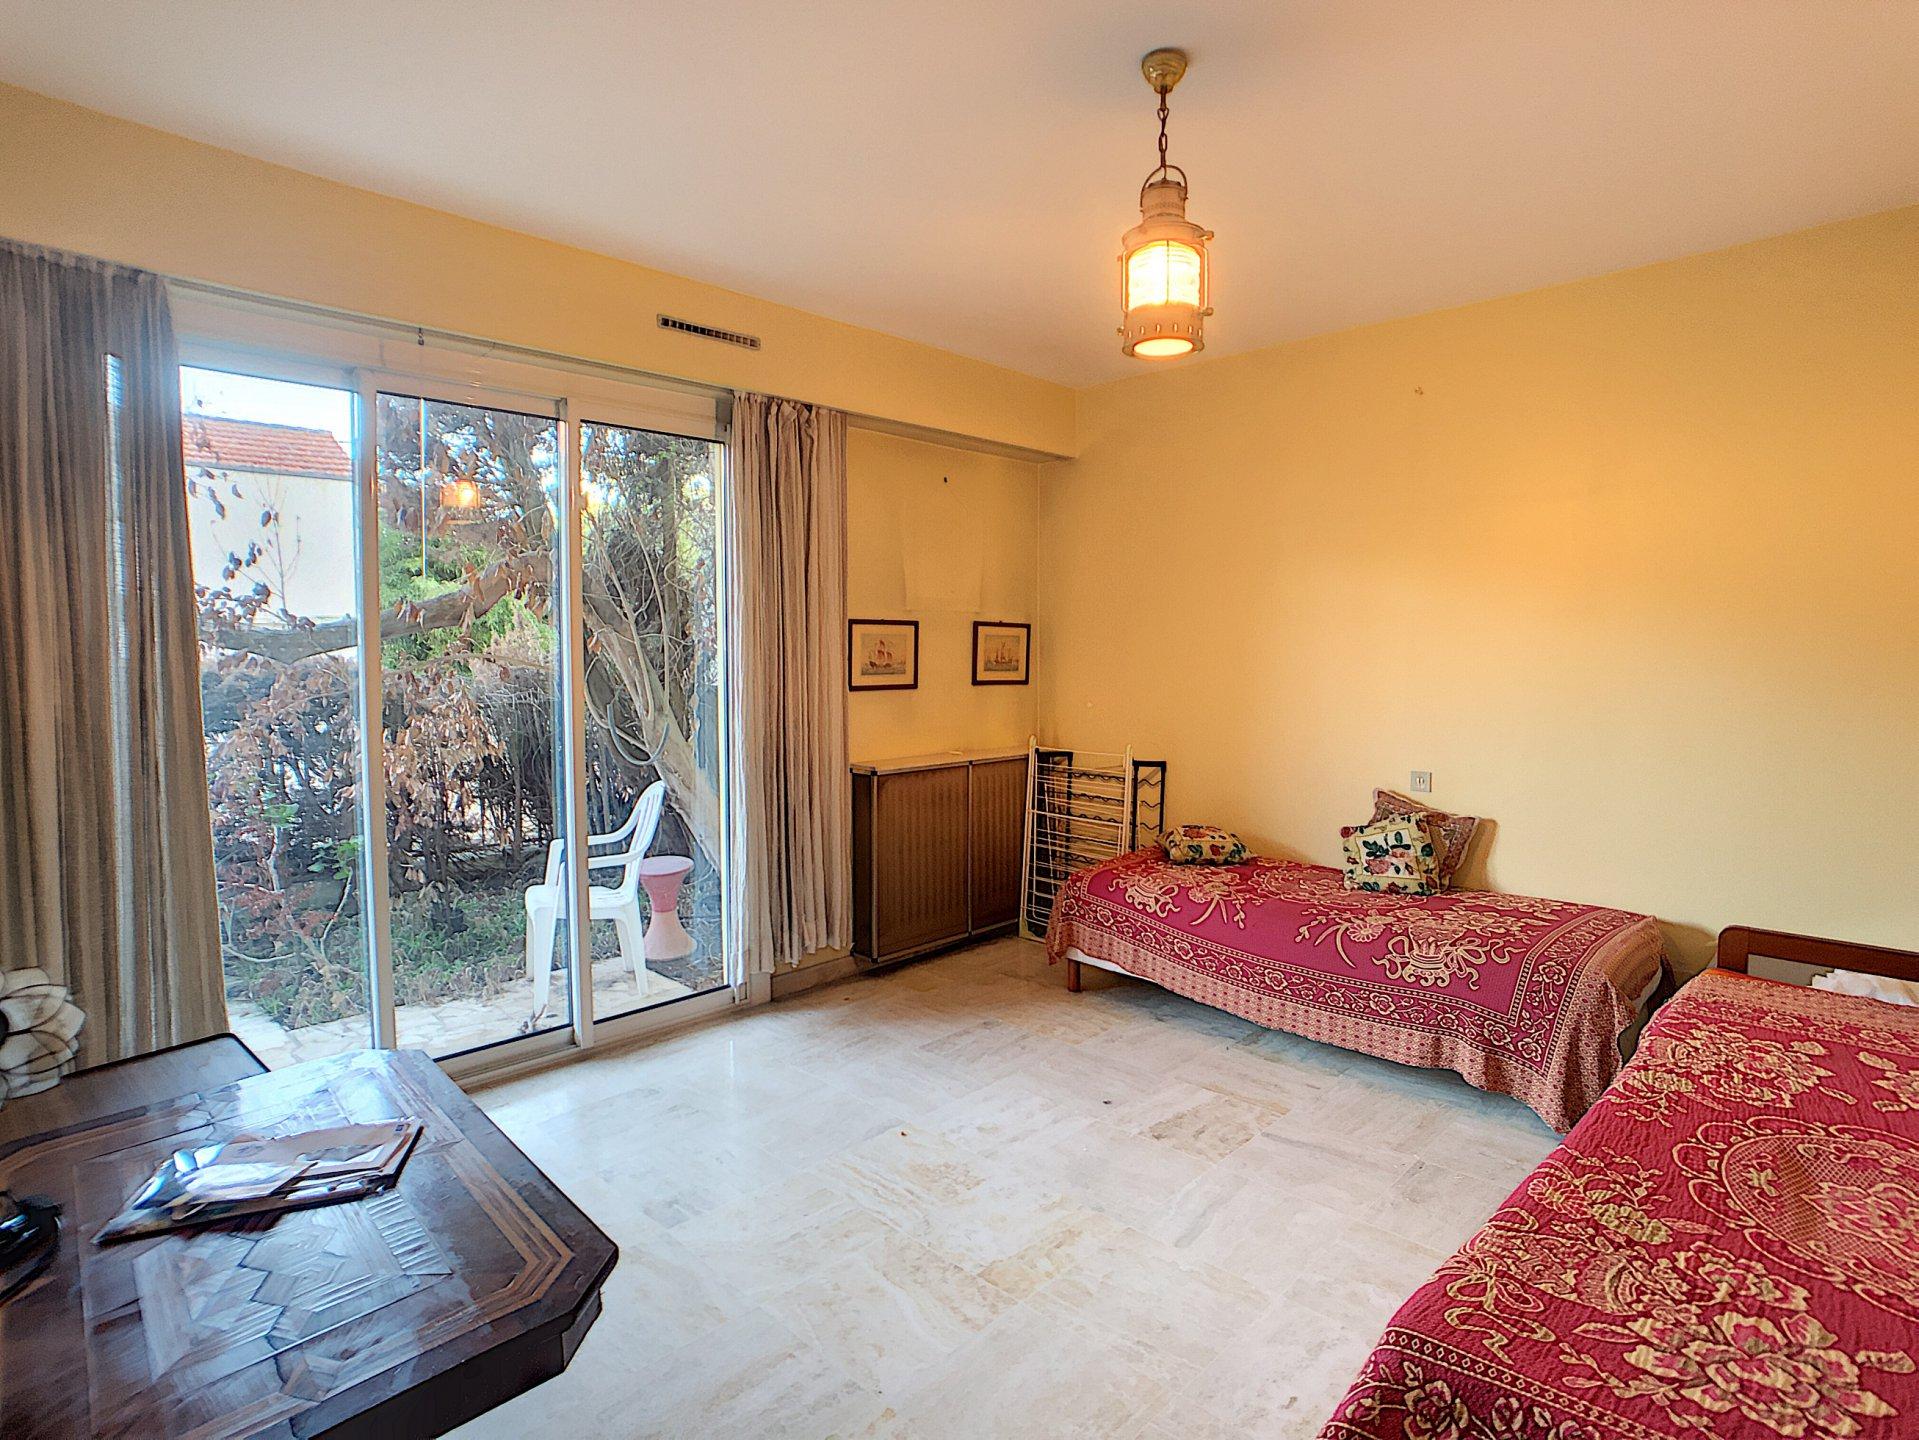 Appartamento di 96 m² vicino a spiagge